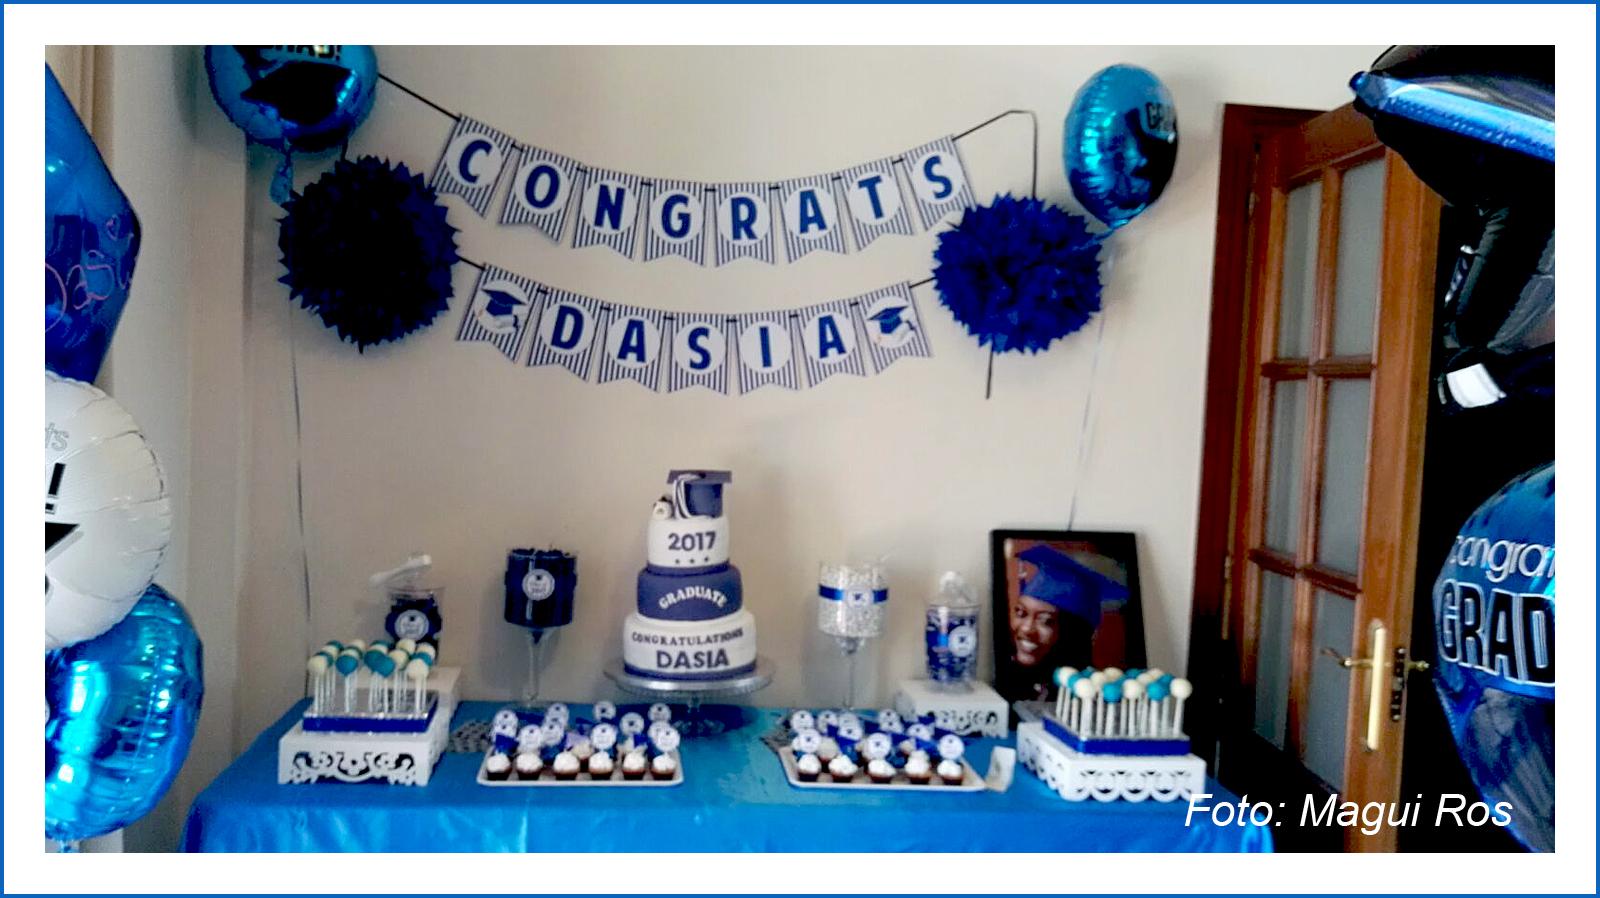 Baby nina fiestas graduaci n dasia for La casa sueca decoracion